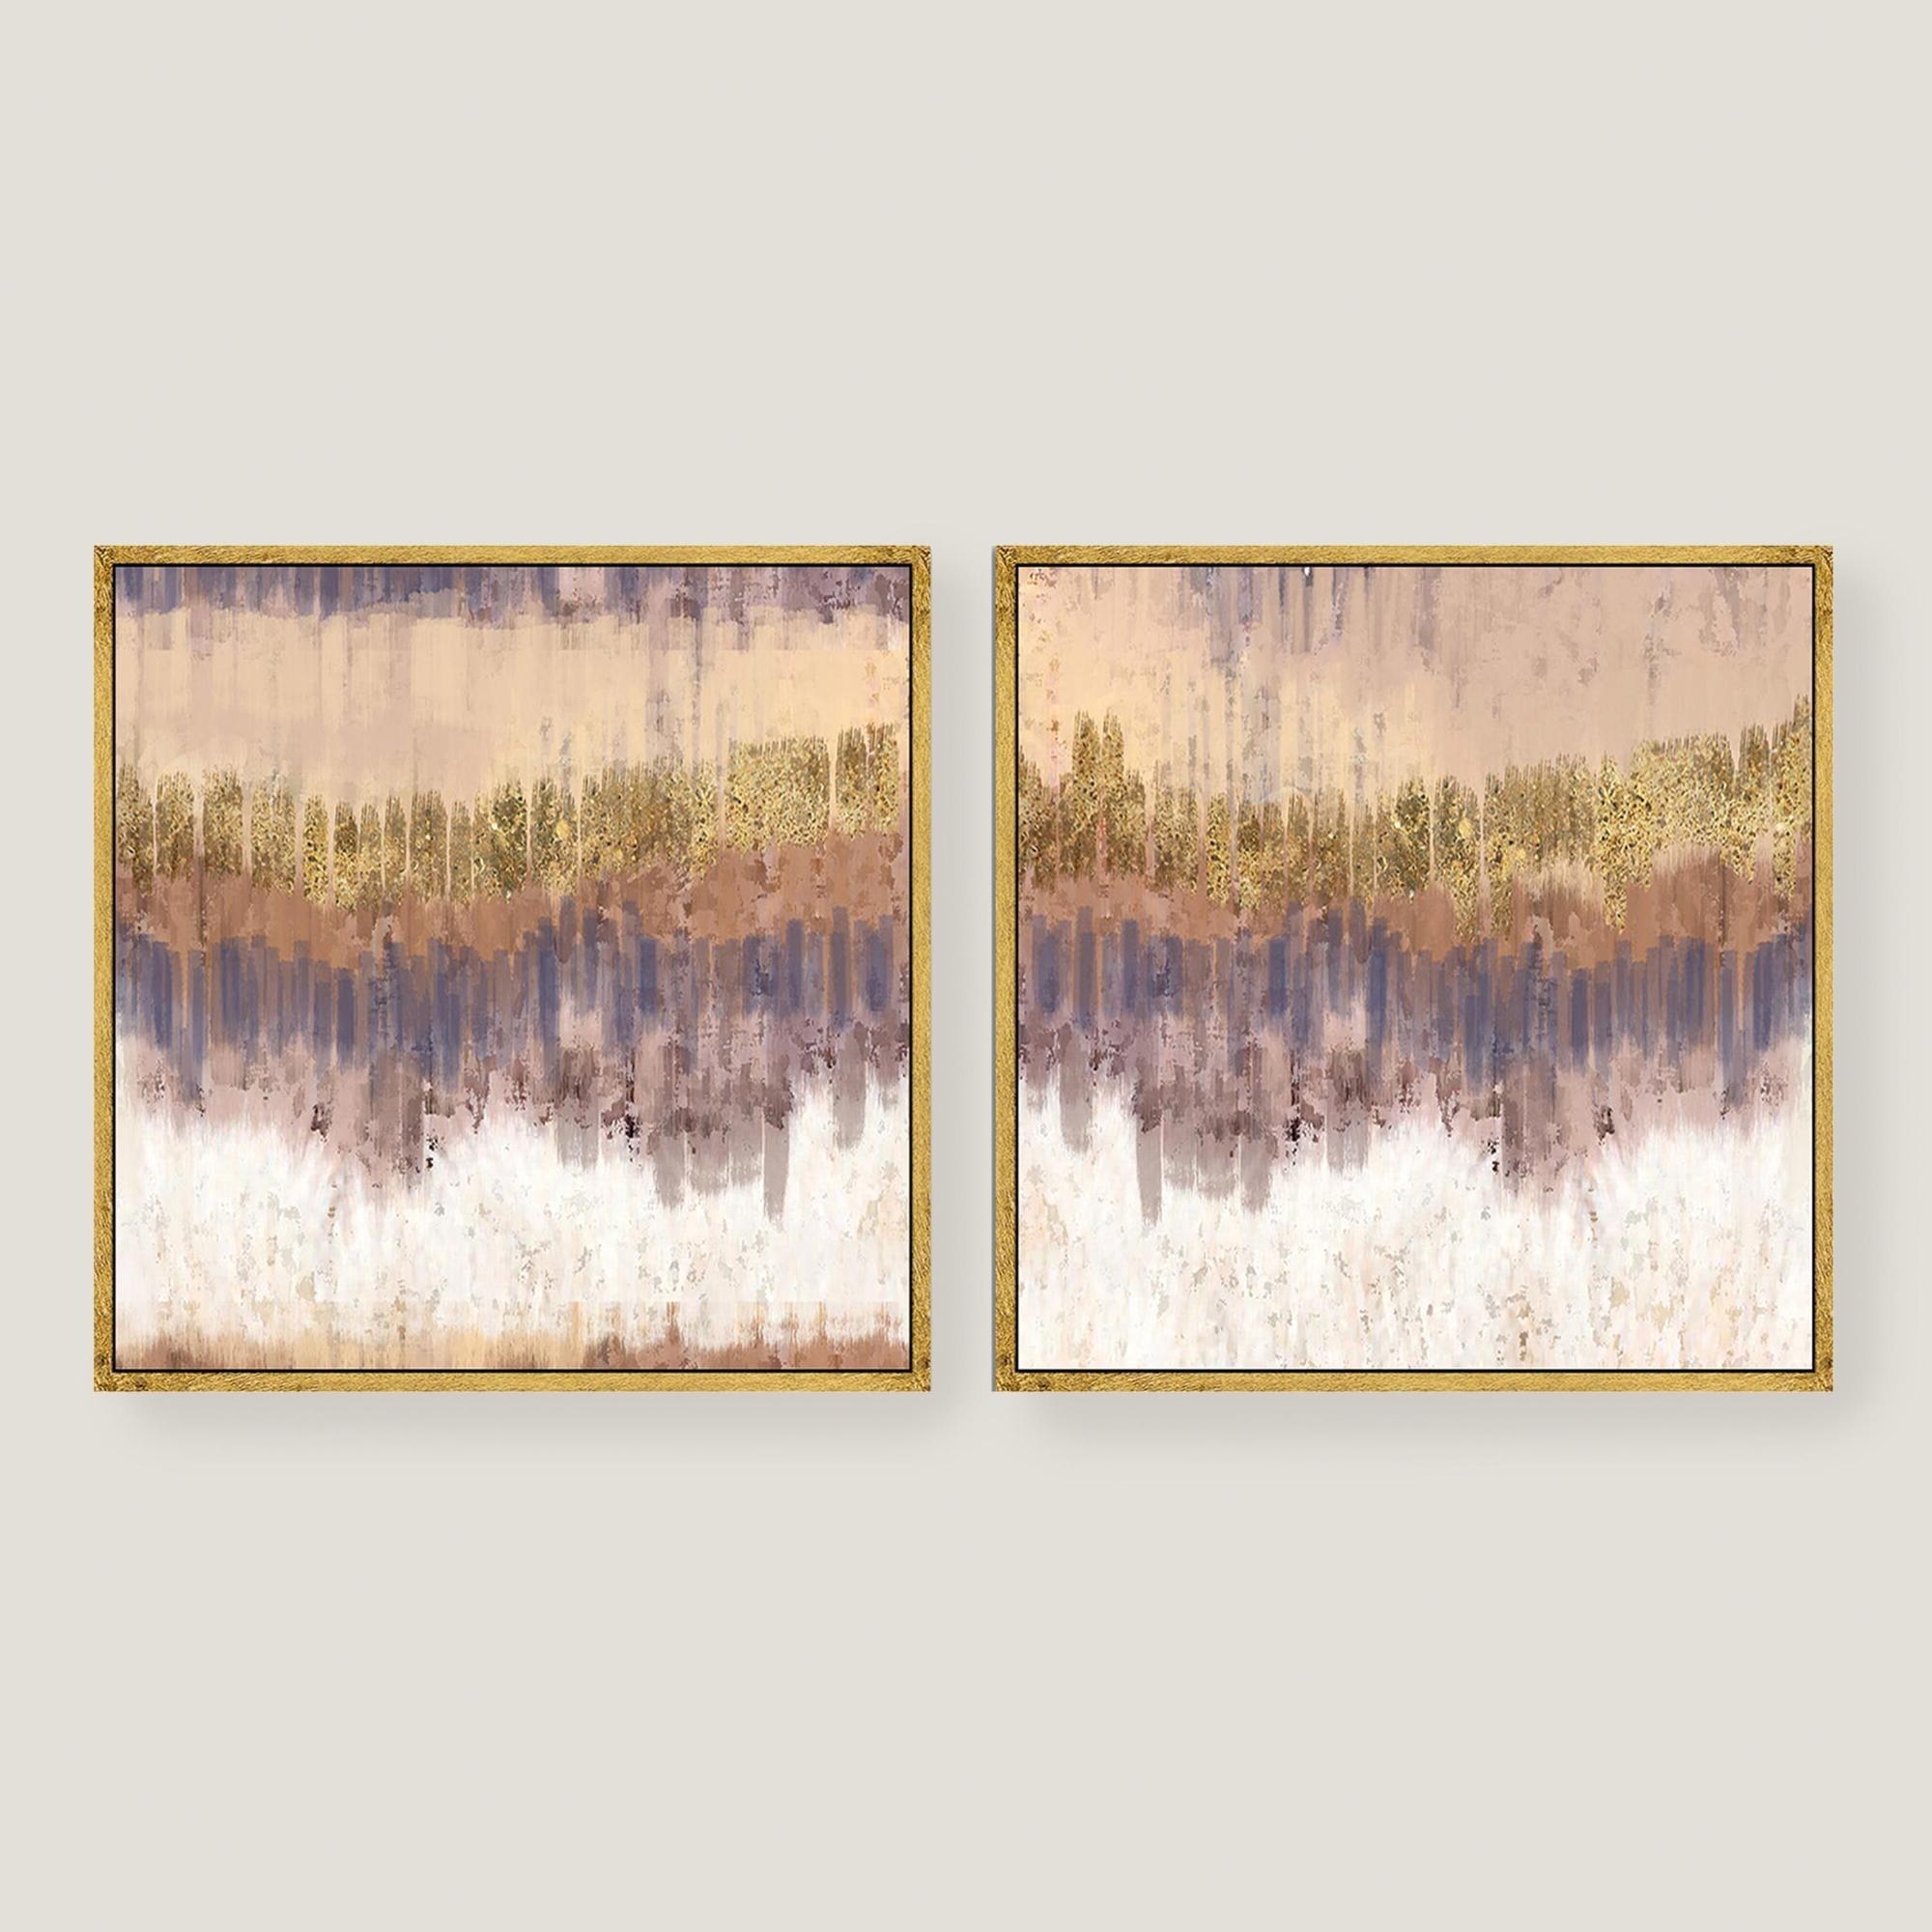 Fashionable Wall Art Designs: Kirklands Wall Art Golden Field Abstract Canvas Throughout Kirkland Abstract Wall Art (View 2 of 15)